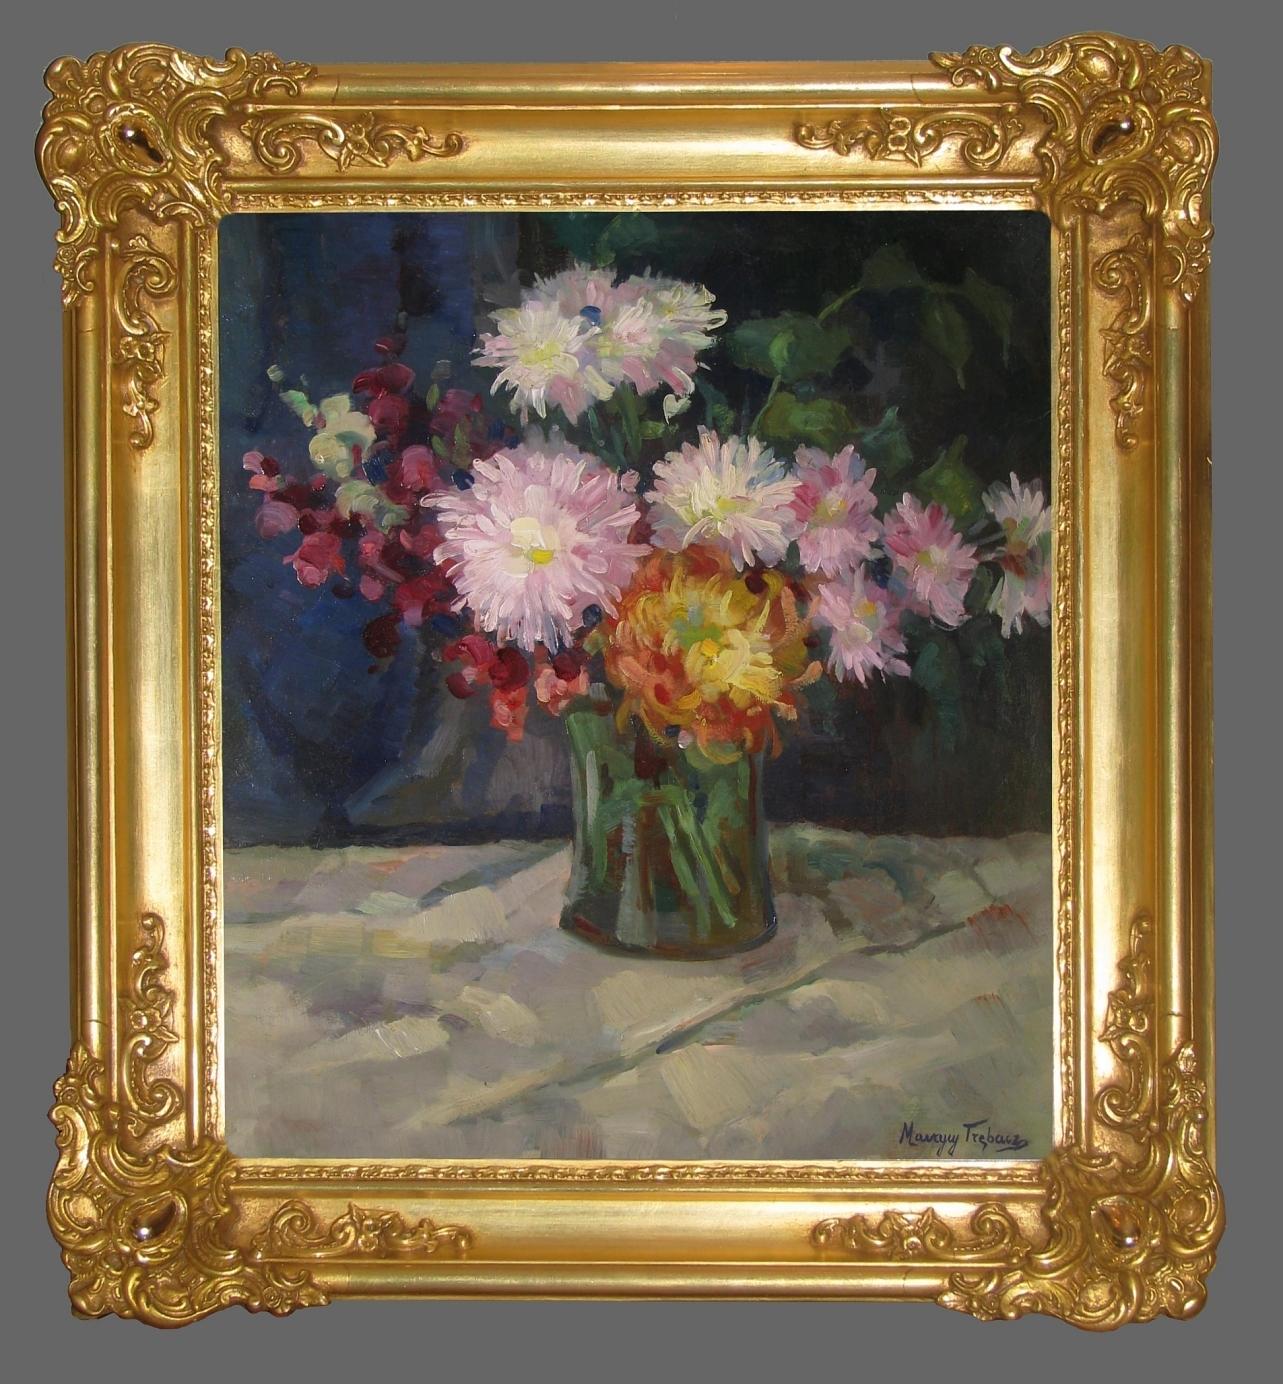 Trębacz Maurycy (1861-1941), Kwiaty w wazonie